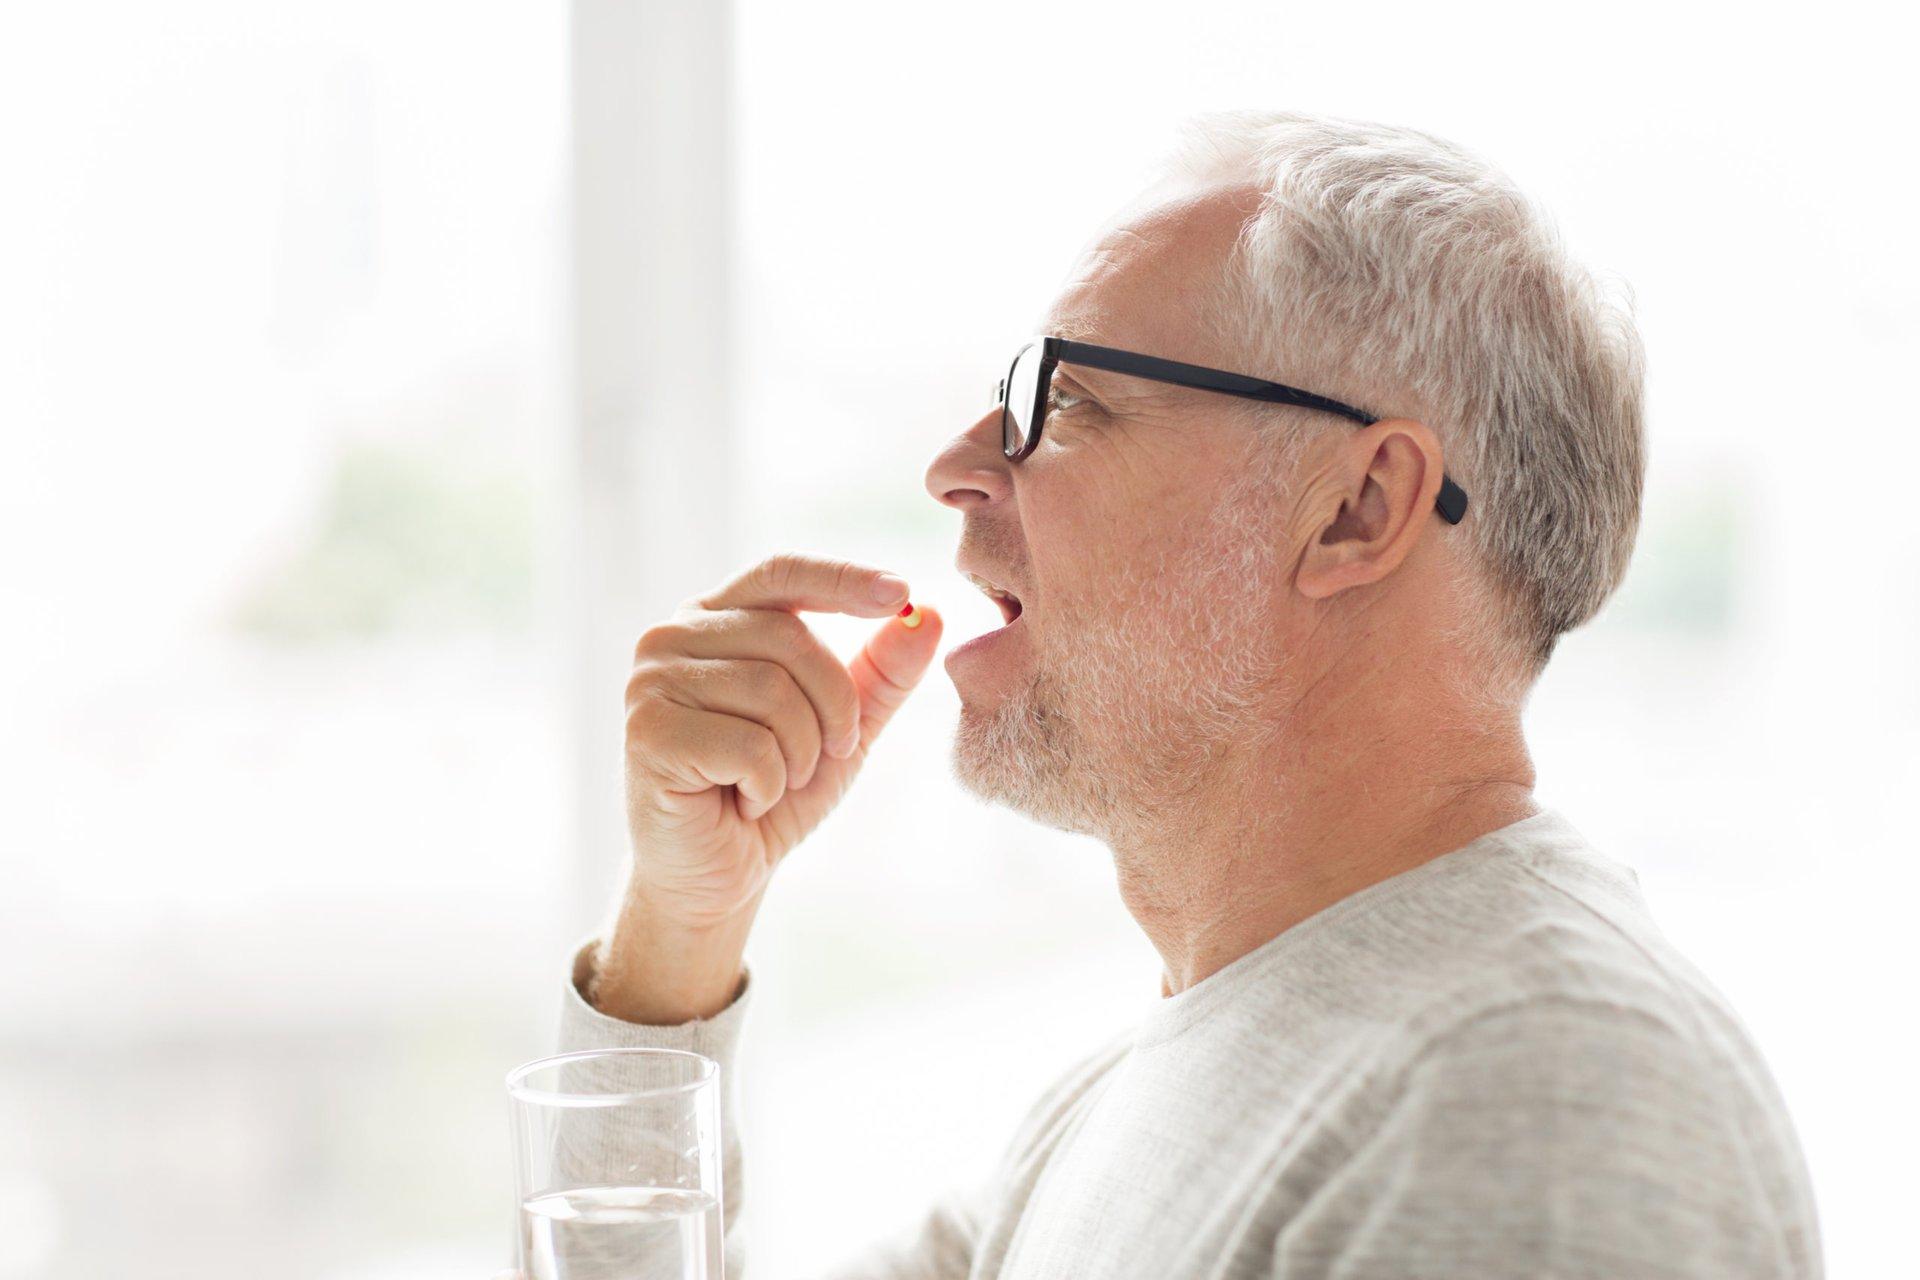 Man taking a daily aspirin